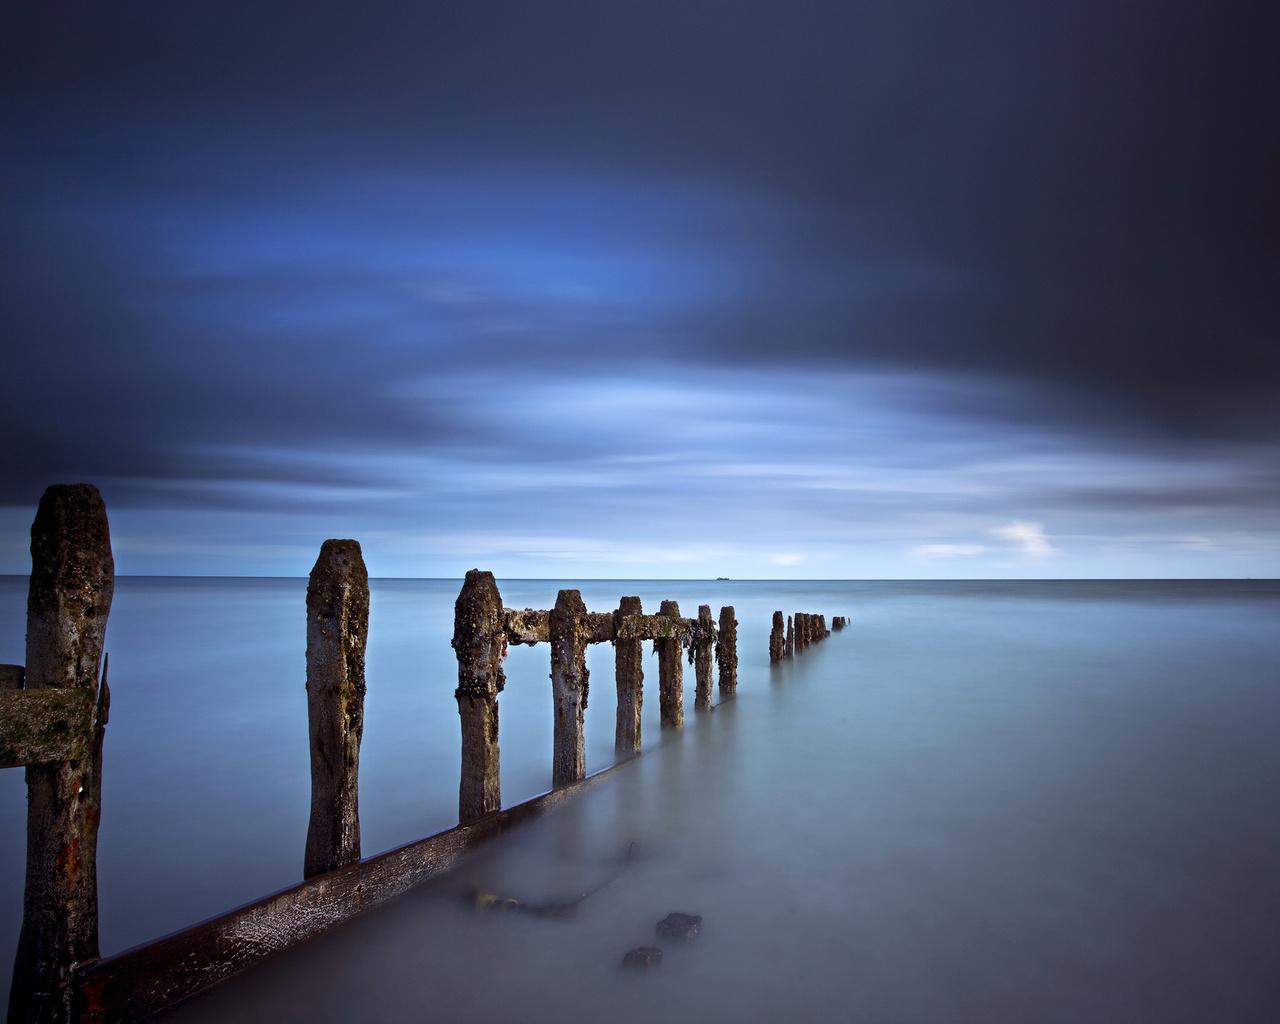 берег, синева, тучи, опоры, небо, море